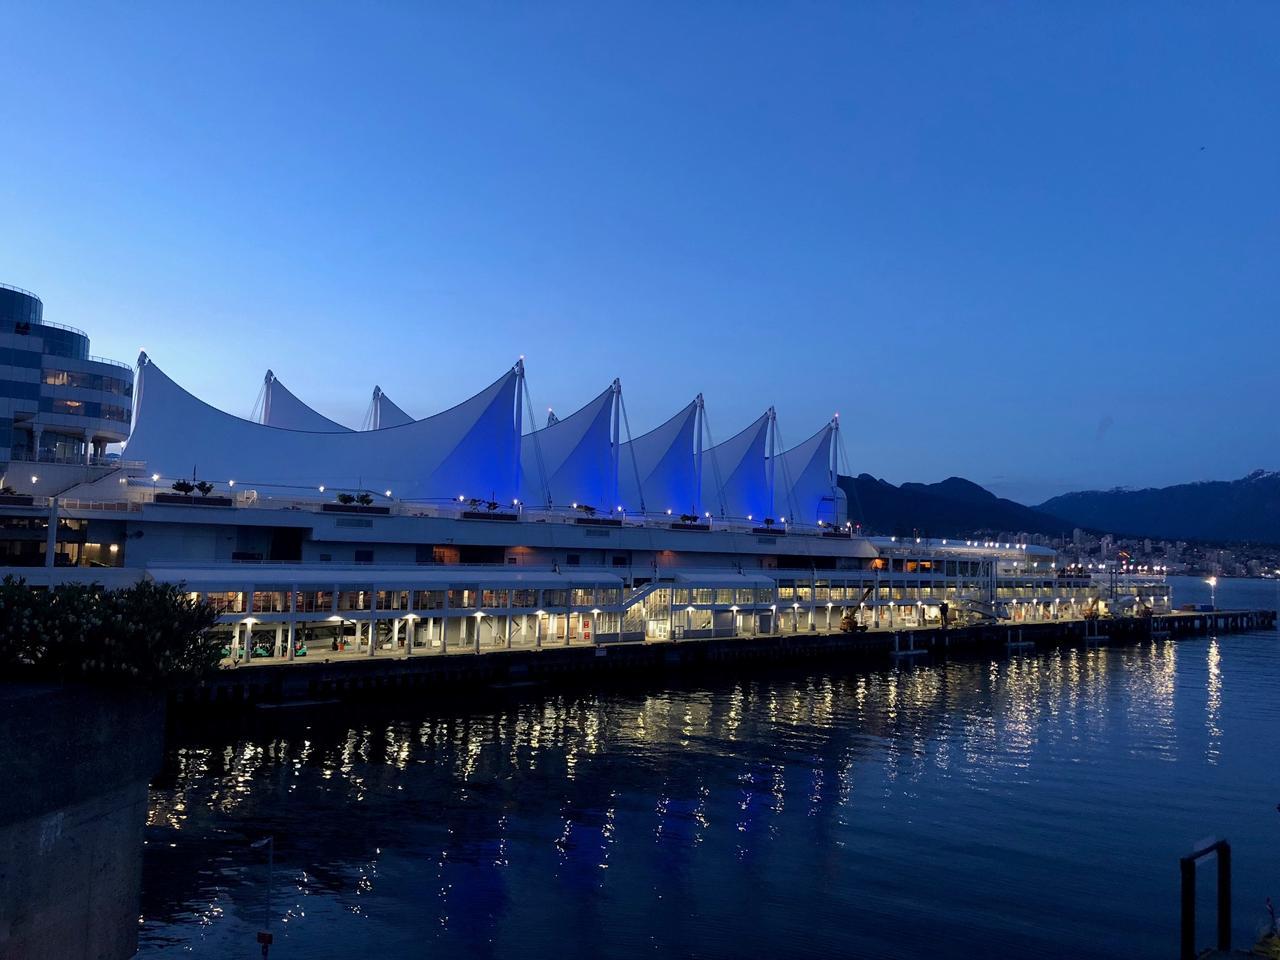 画像: カナダ・プレイス港 夜景(イメージ)